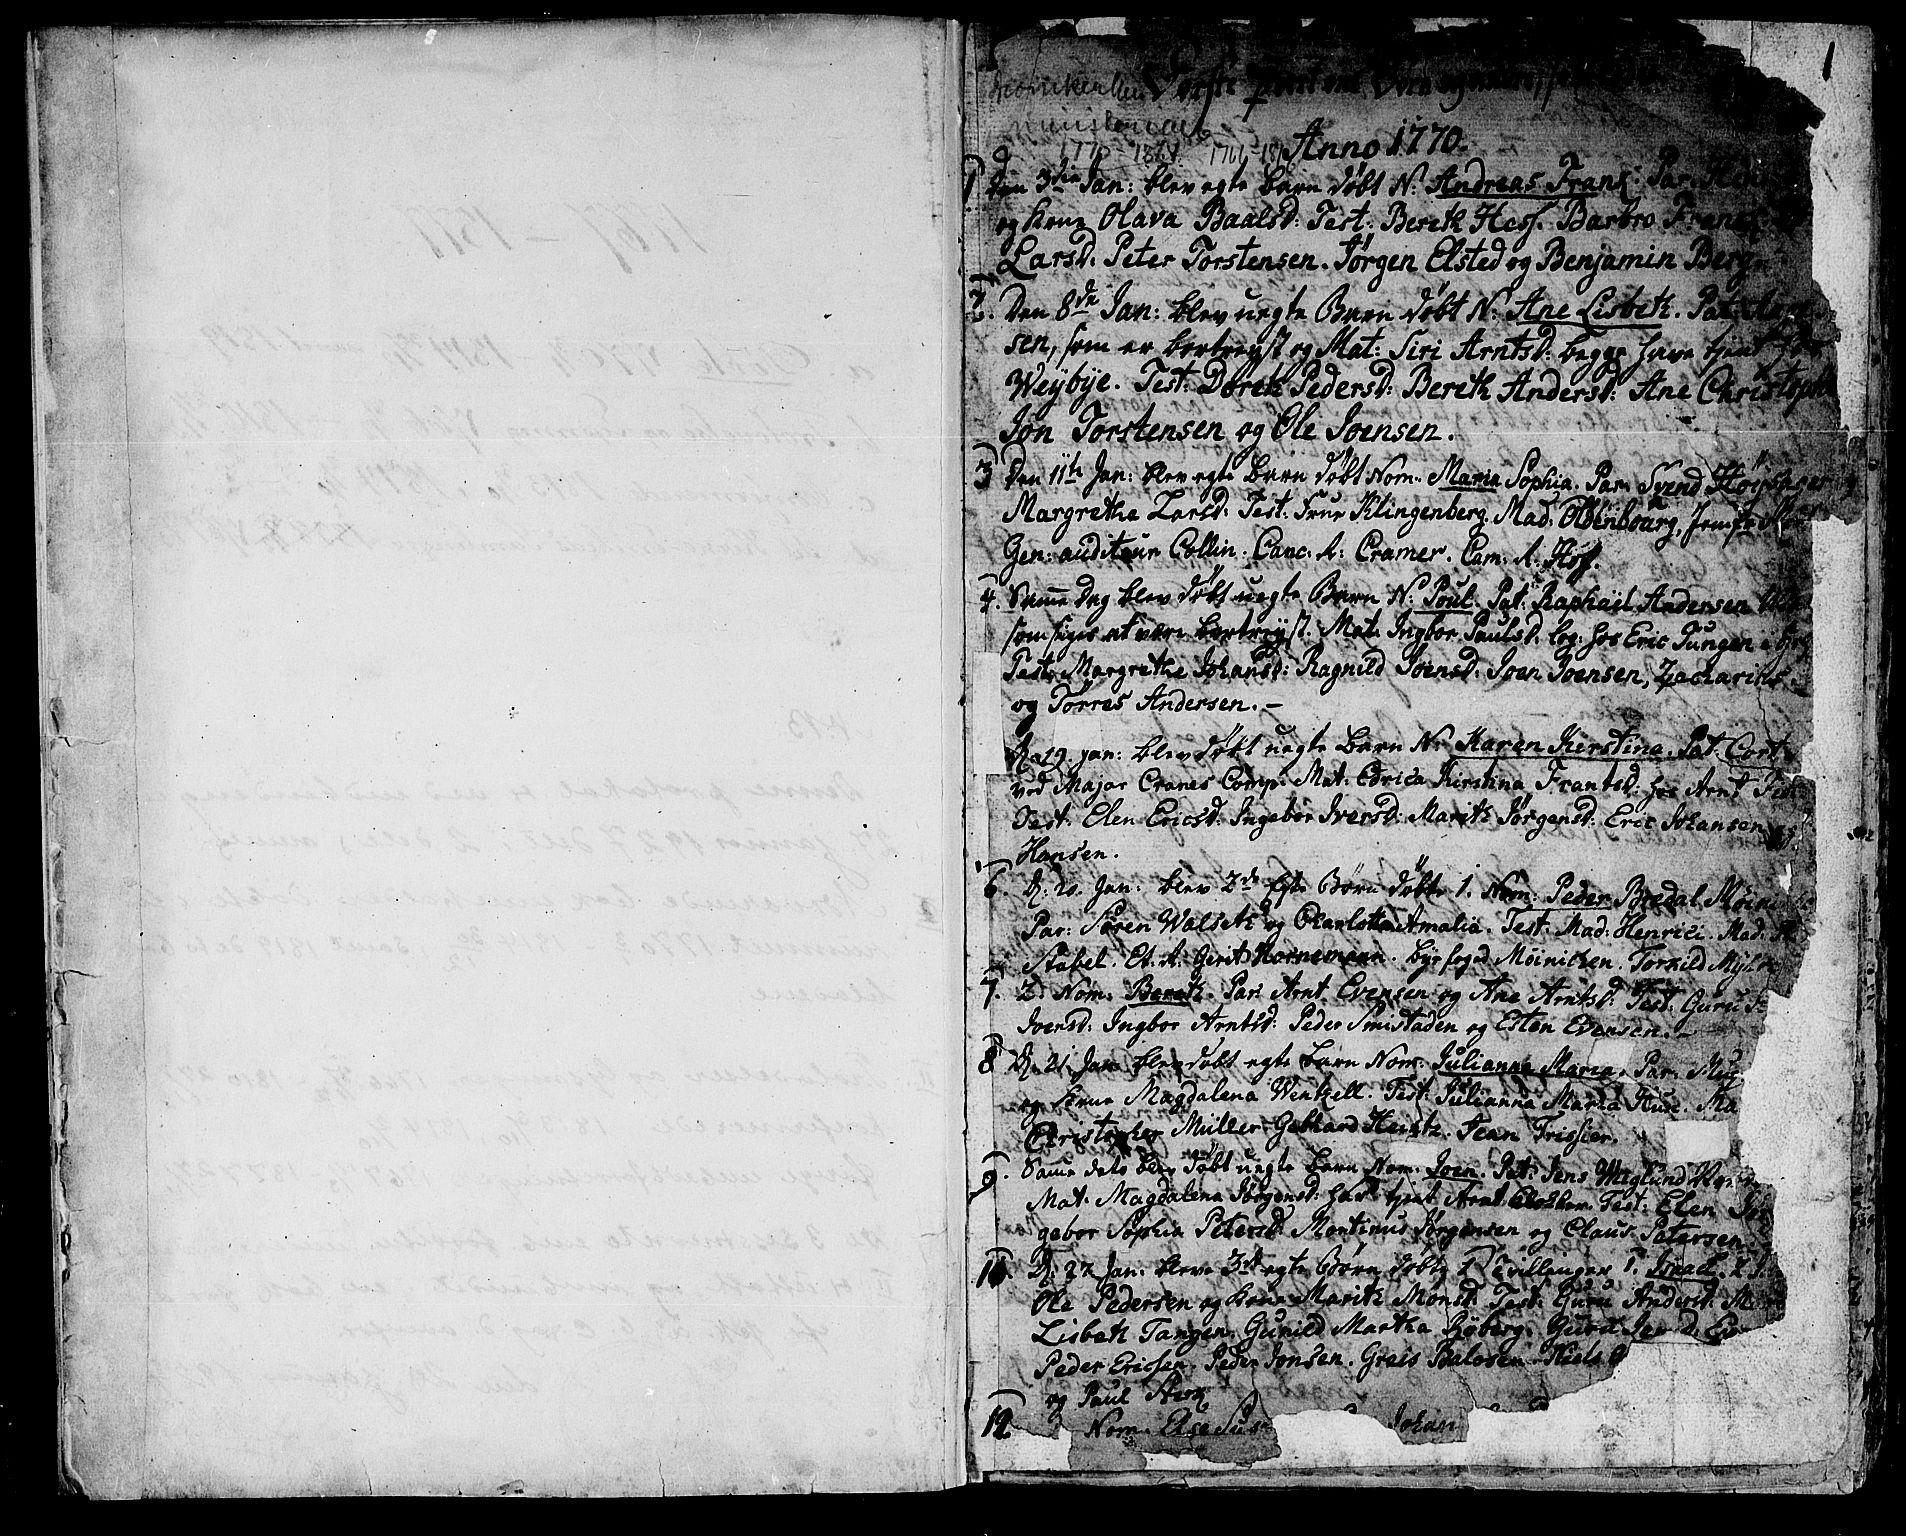 SAT, Ministerialprotokoller, klokkerbøker og fødselsregistre - Sør-Trøndelag, 601/L0039: Ministerialbok nr. 601A07, 1770-1819, s. 1